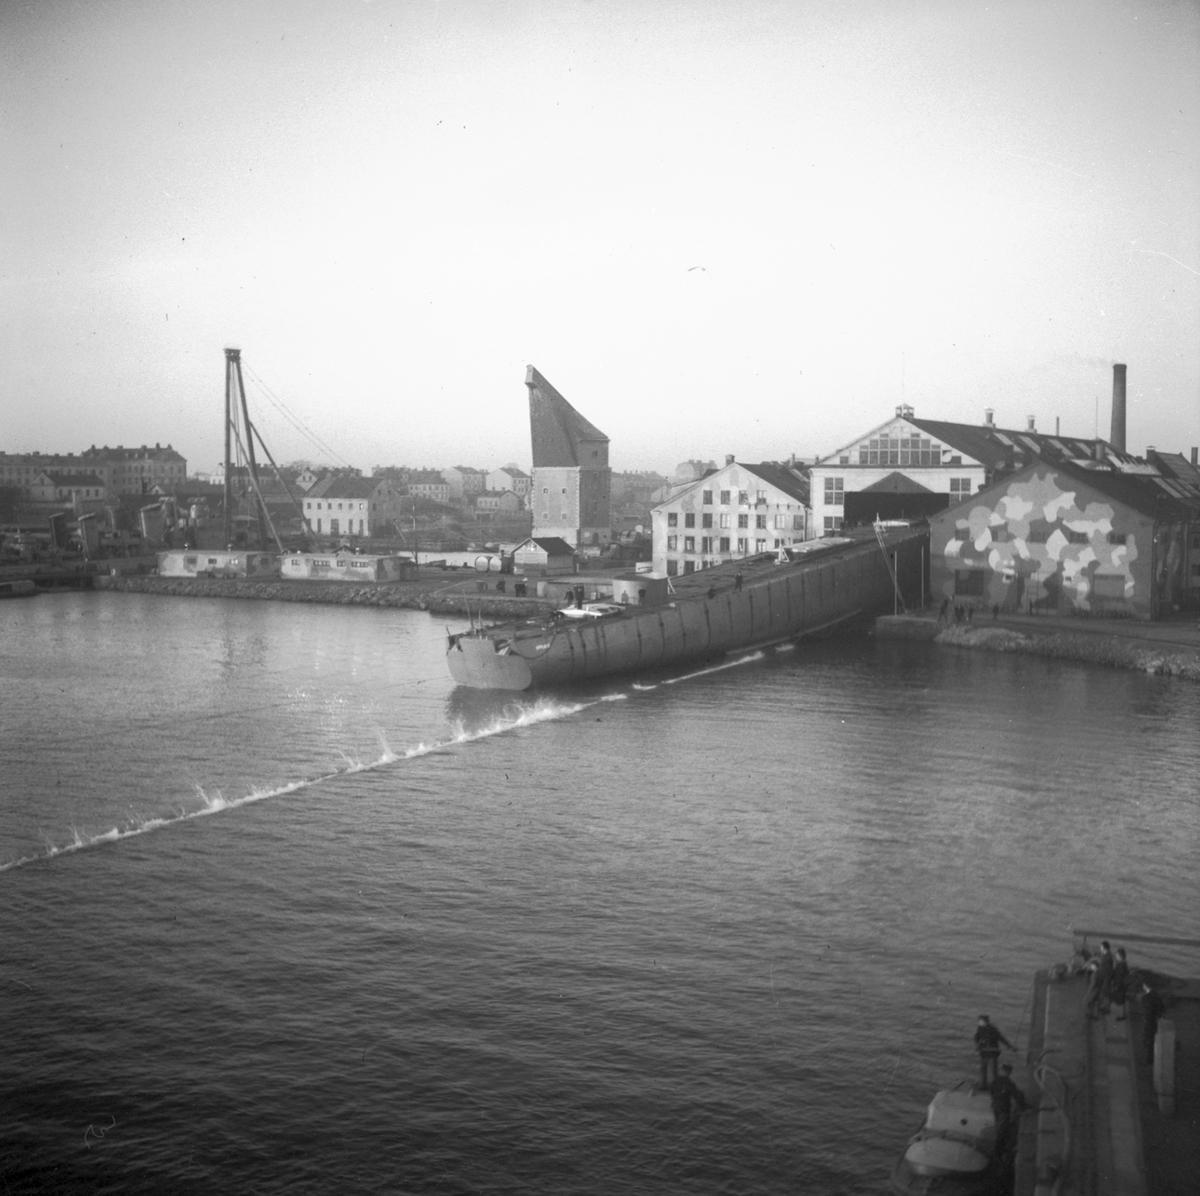 Fartyg: UPPLAND                        Bredd över allt 11,2 meter Längd över allt 111,8 meter Reg. Nr.: 17; J17, F17 Rederi: Kungliga Flottan, Marinen Byggår: 1949 Varv: Örlogsvarvet, Karlskrona Övrigt: Sjösättning